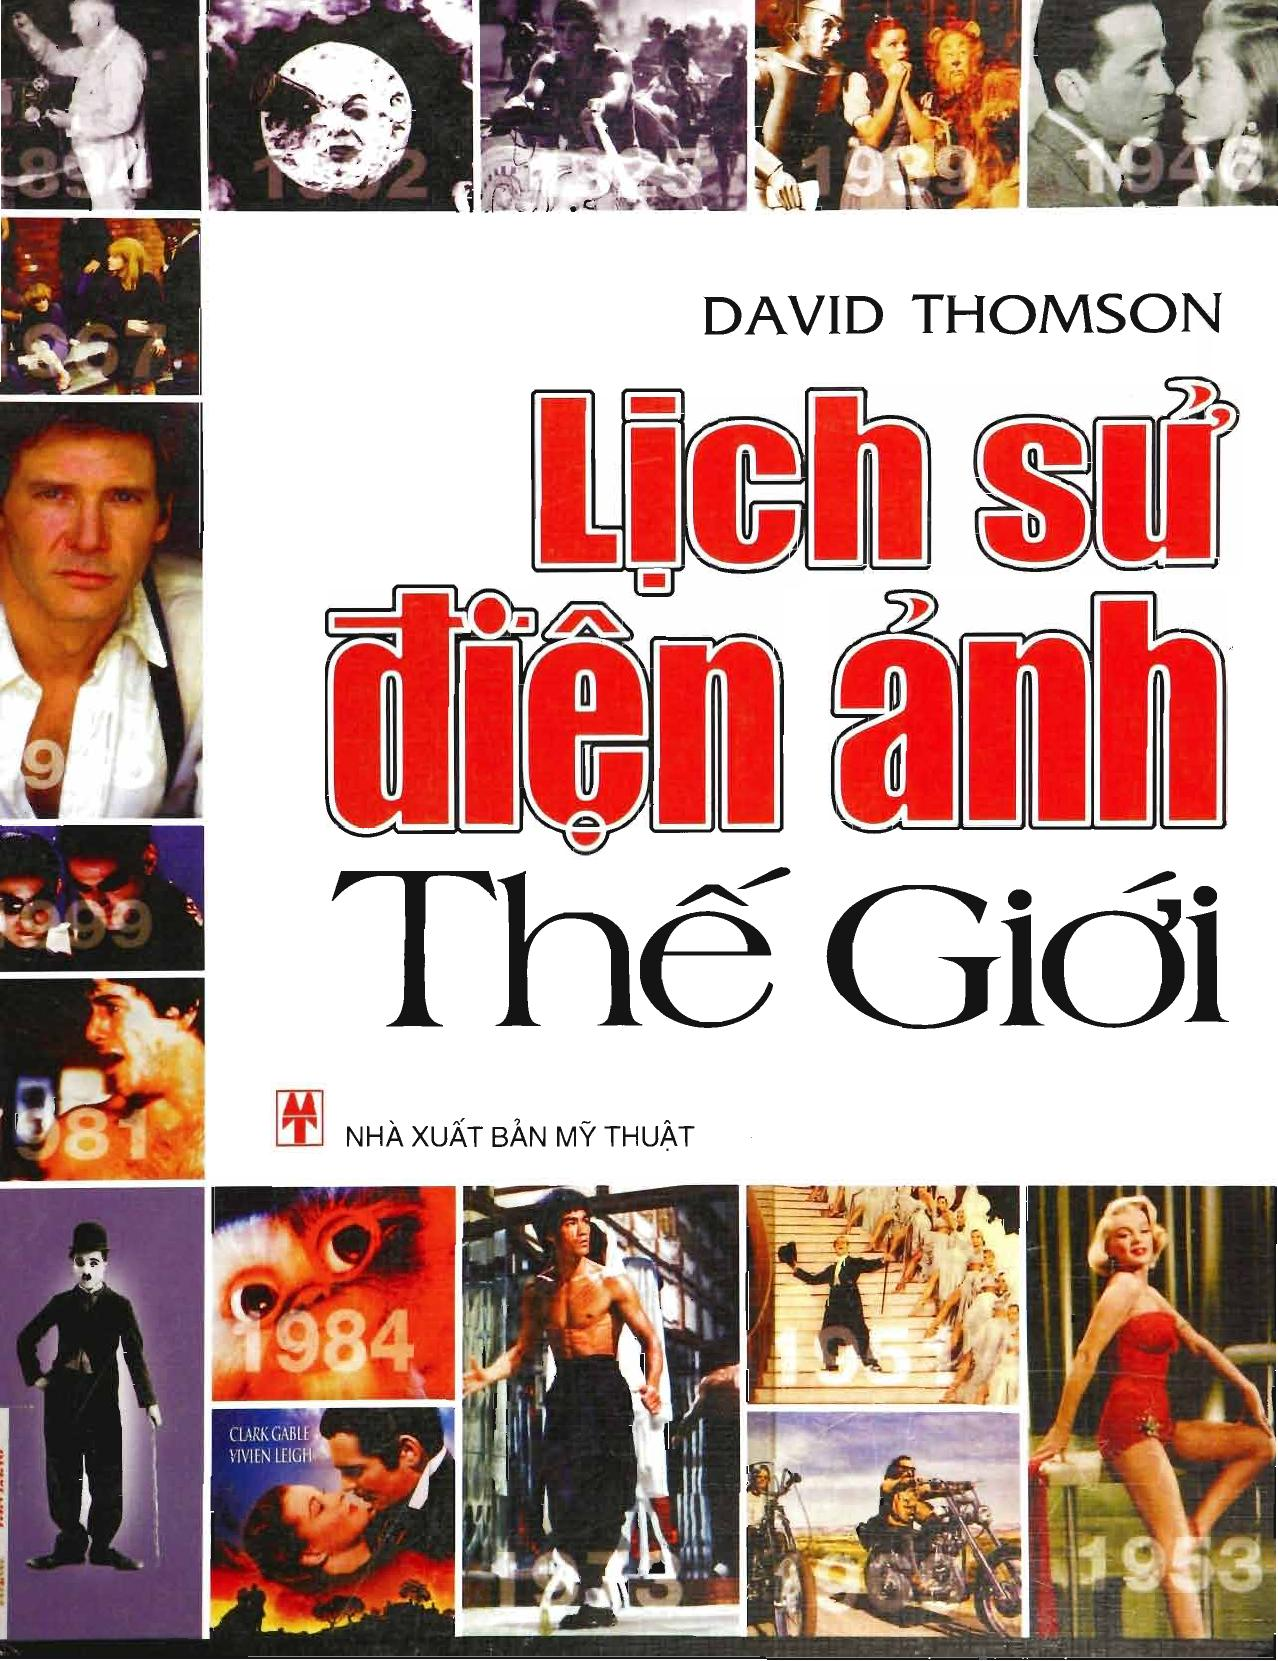 Lịch Sử Điện Ảnh Thế Giới - David Thomson